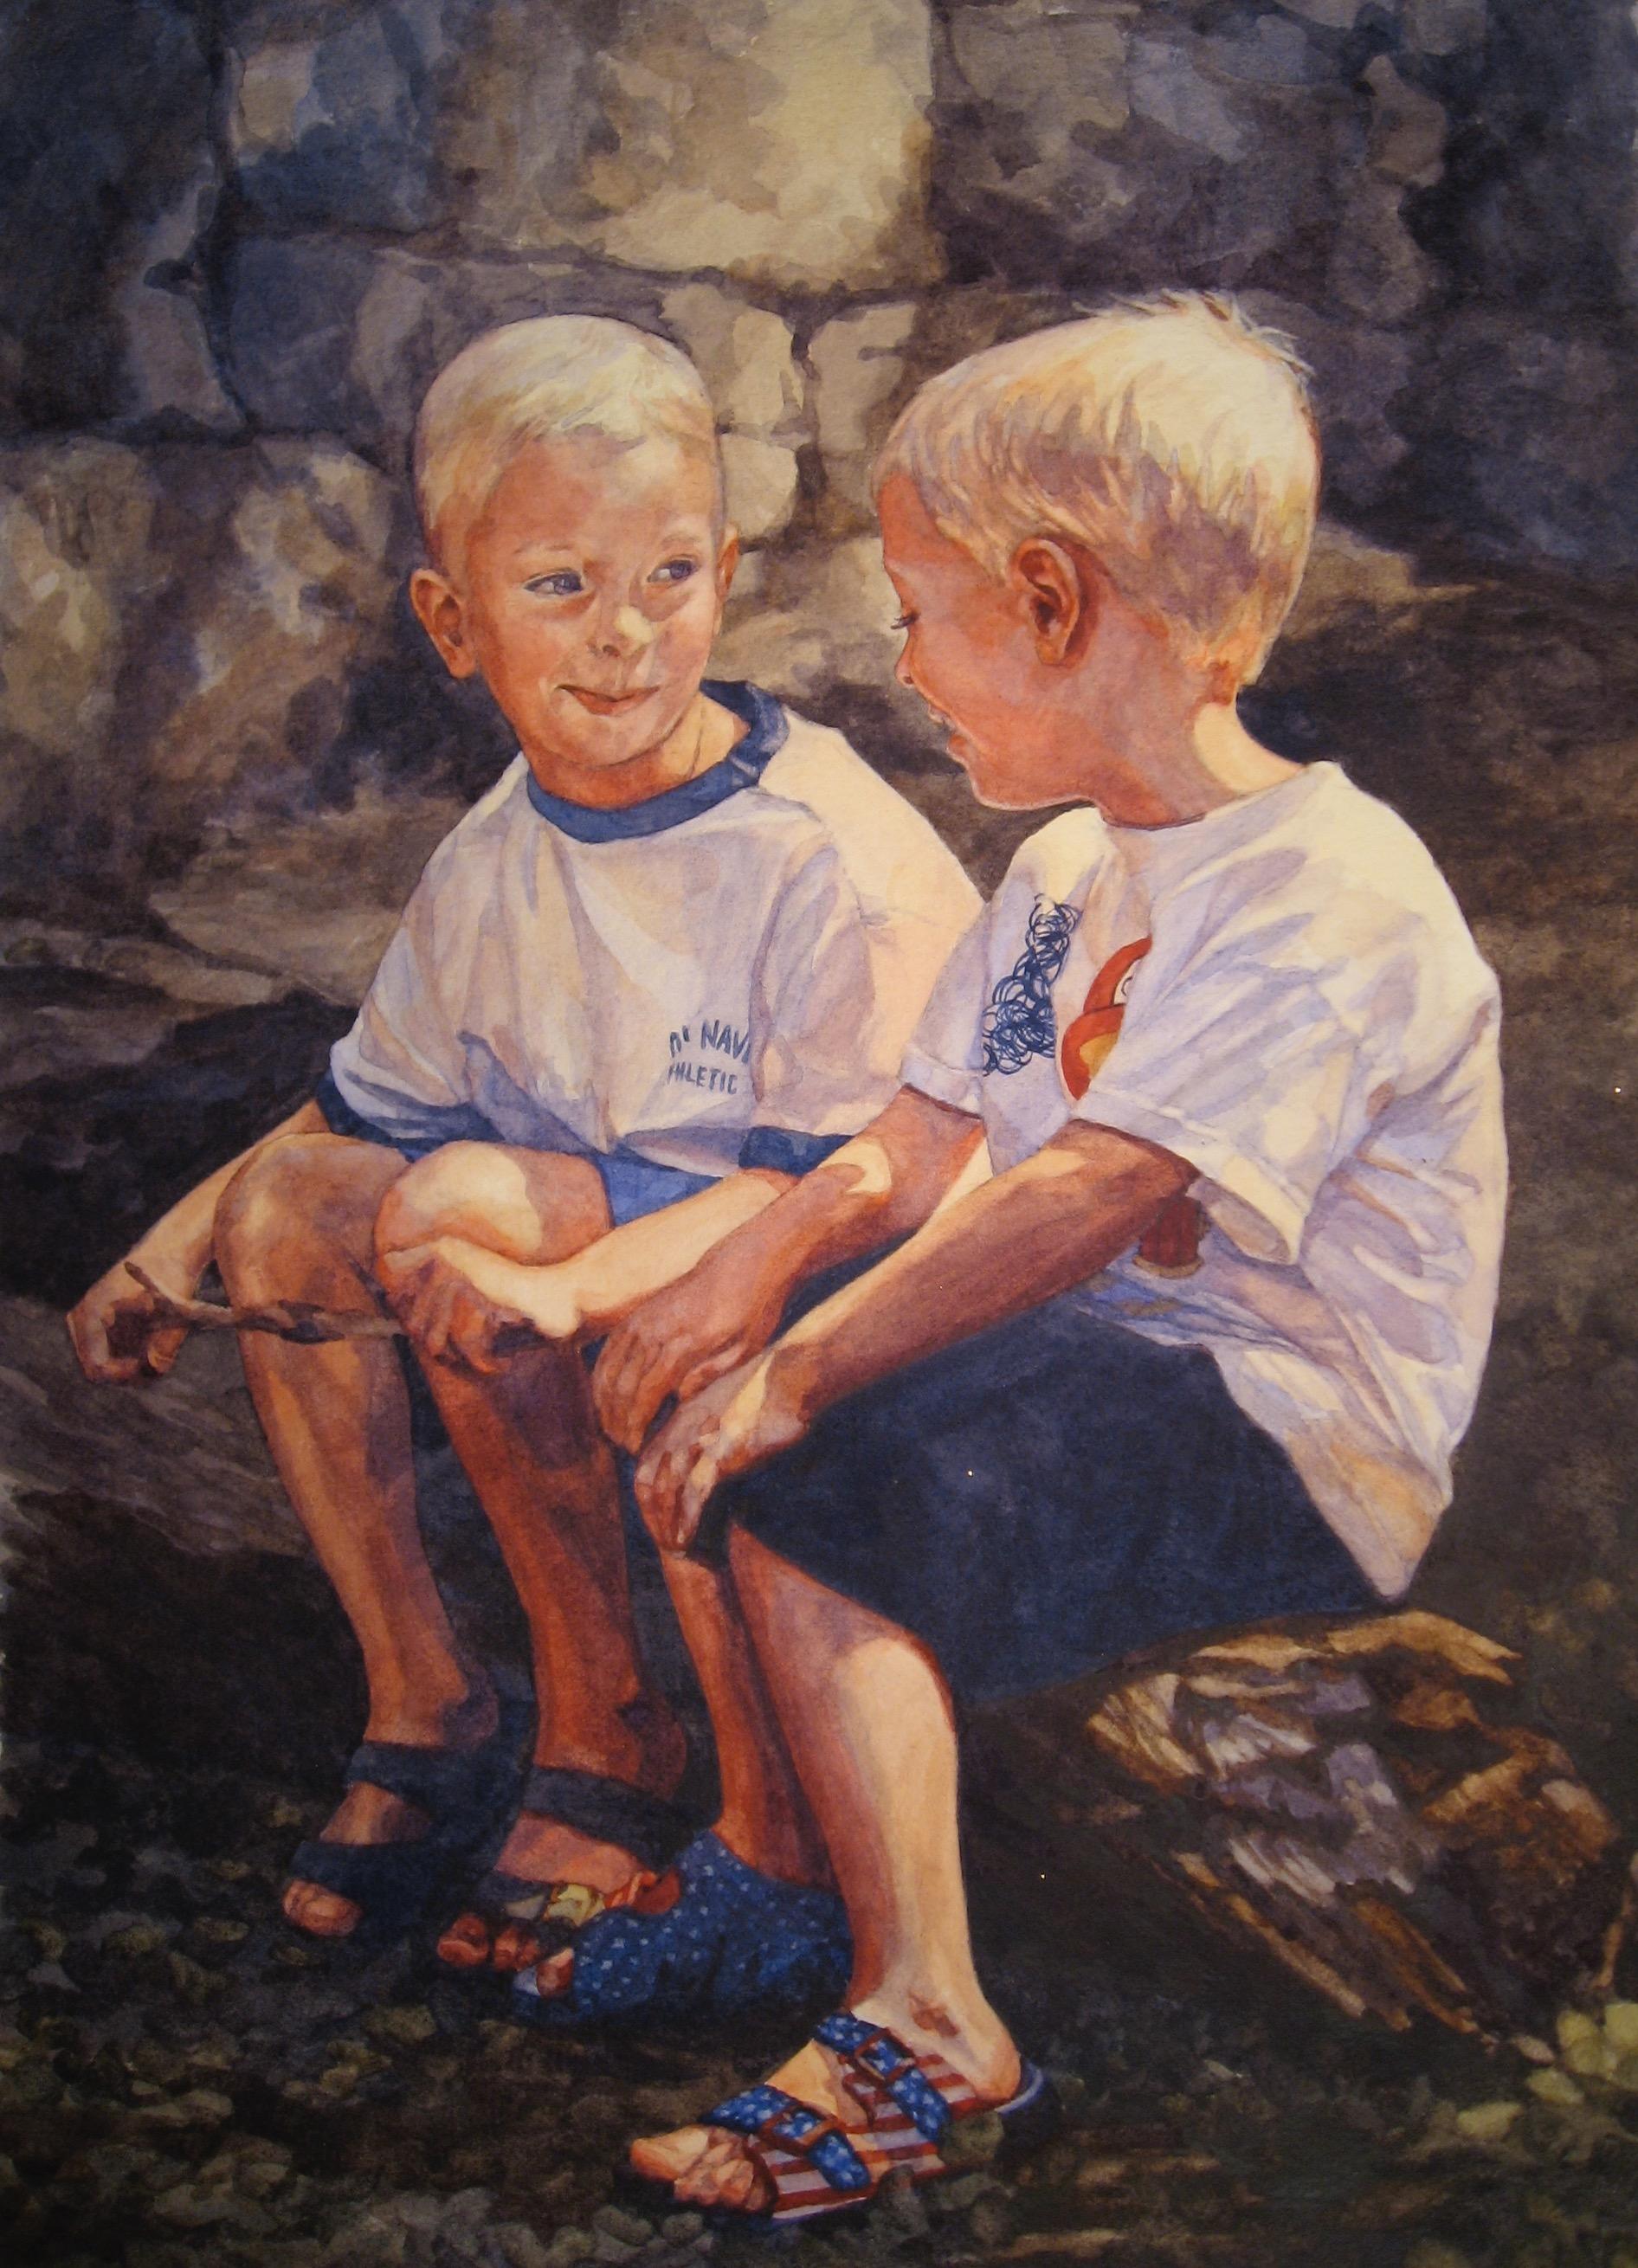 Bennett and Sammy